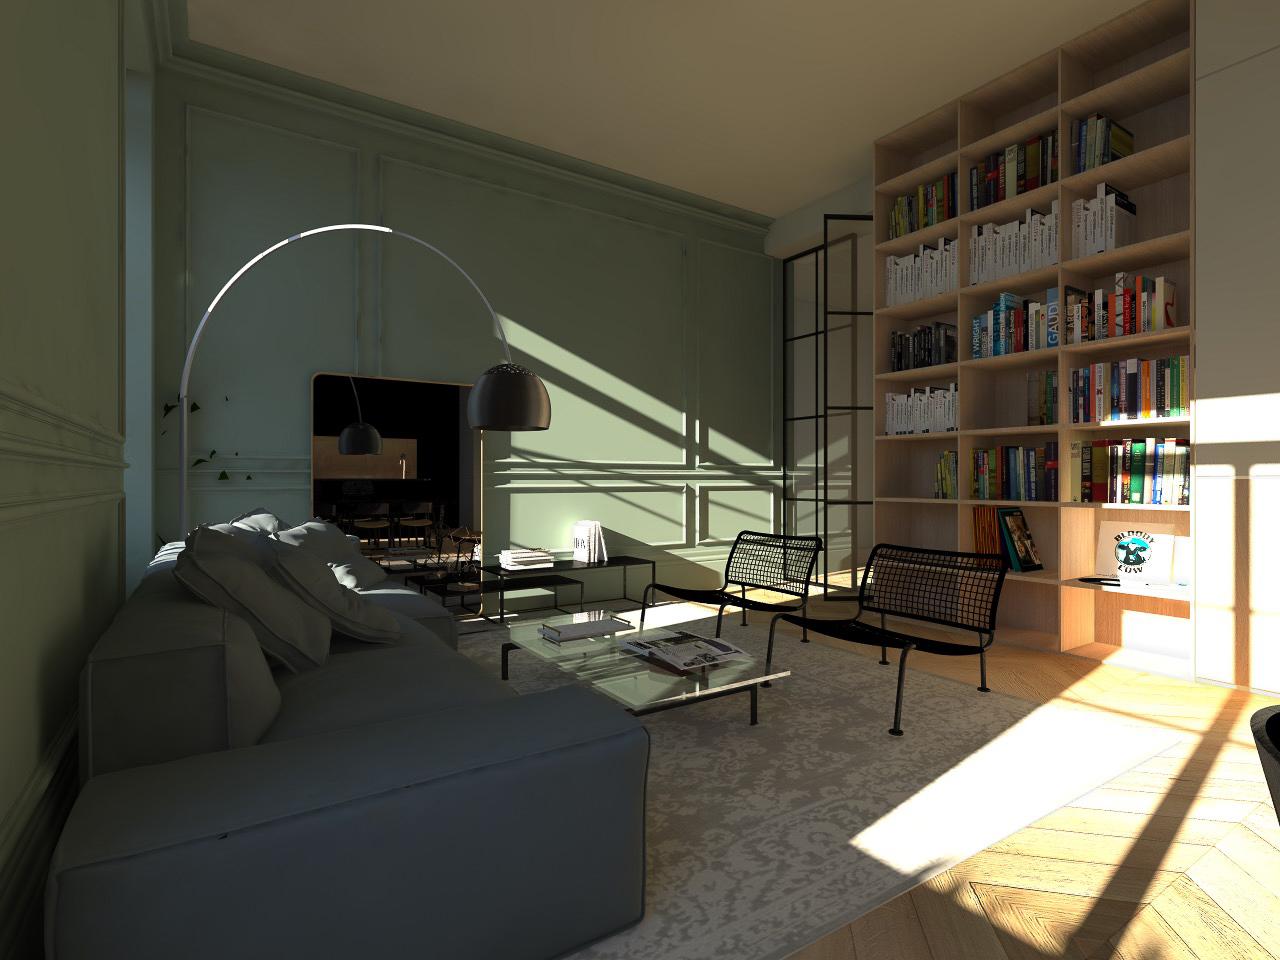 maitre-doeuvre-artisans-renovation-appartement-vaulx-en-velin-amenagement-interieur-3